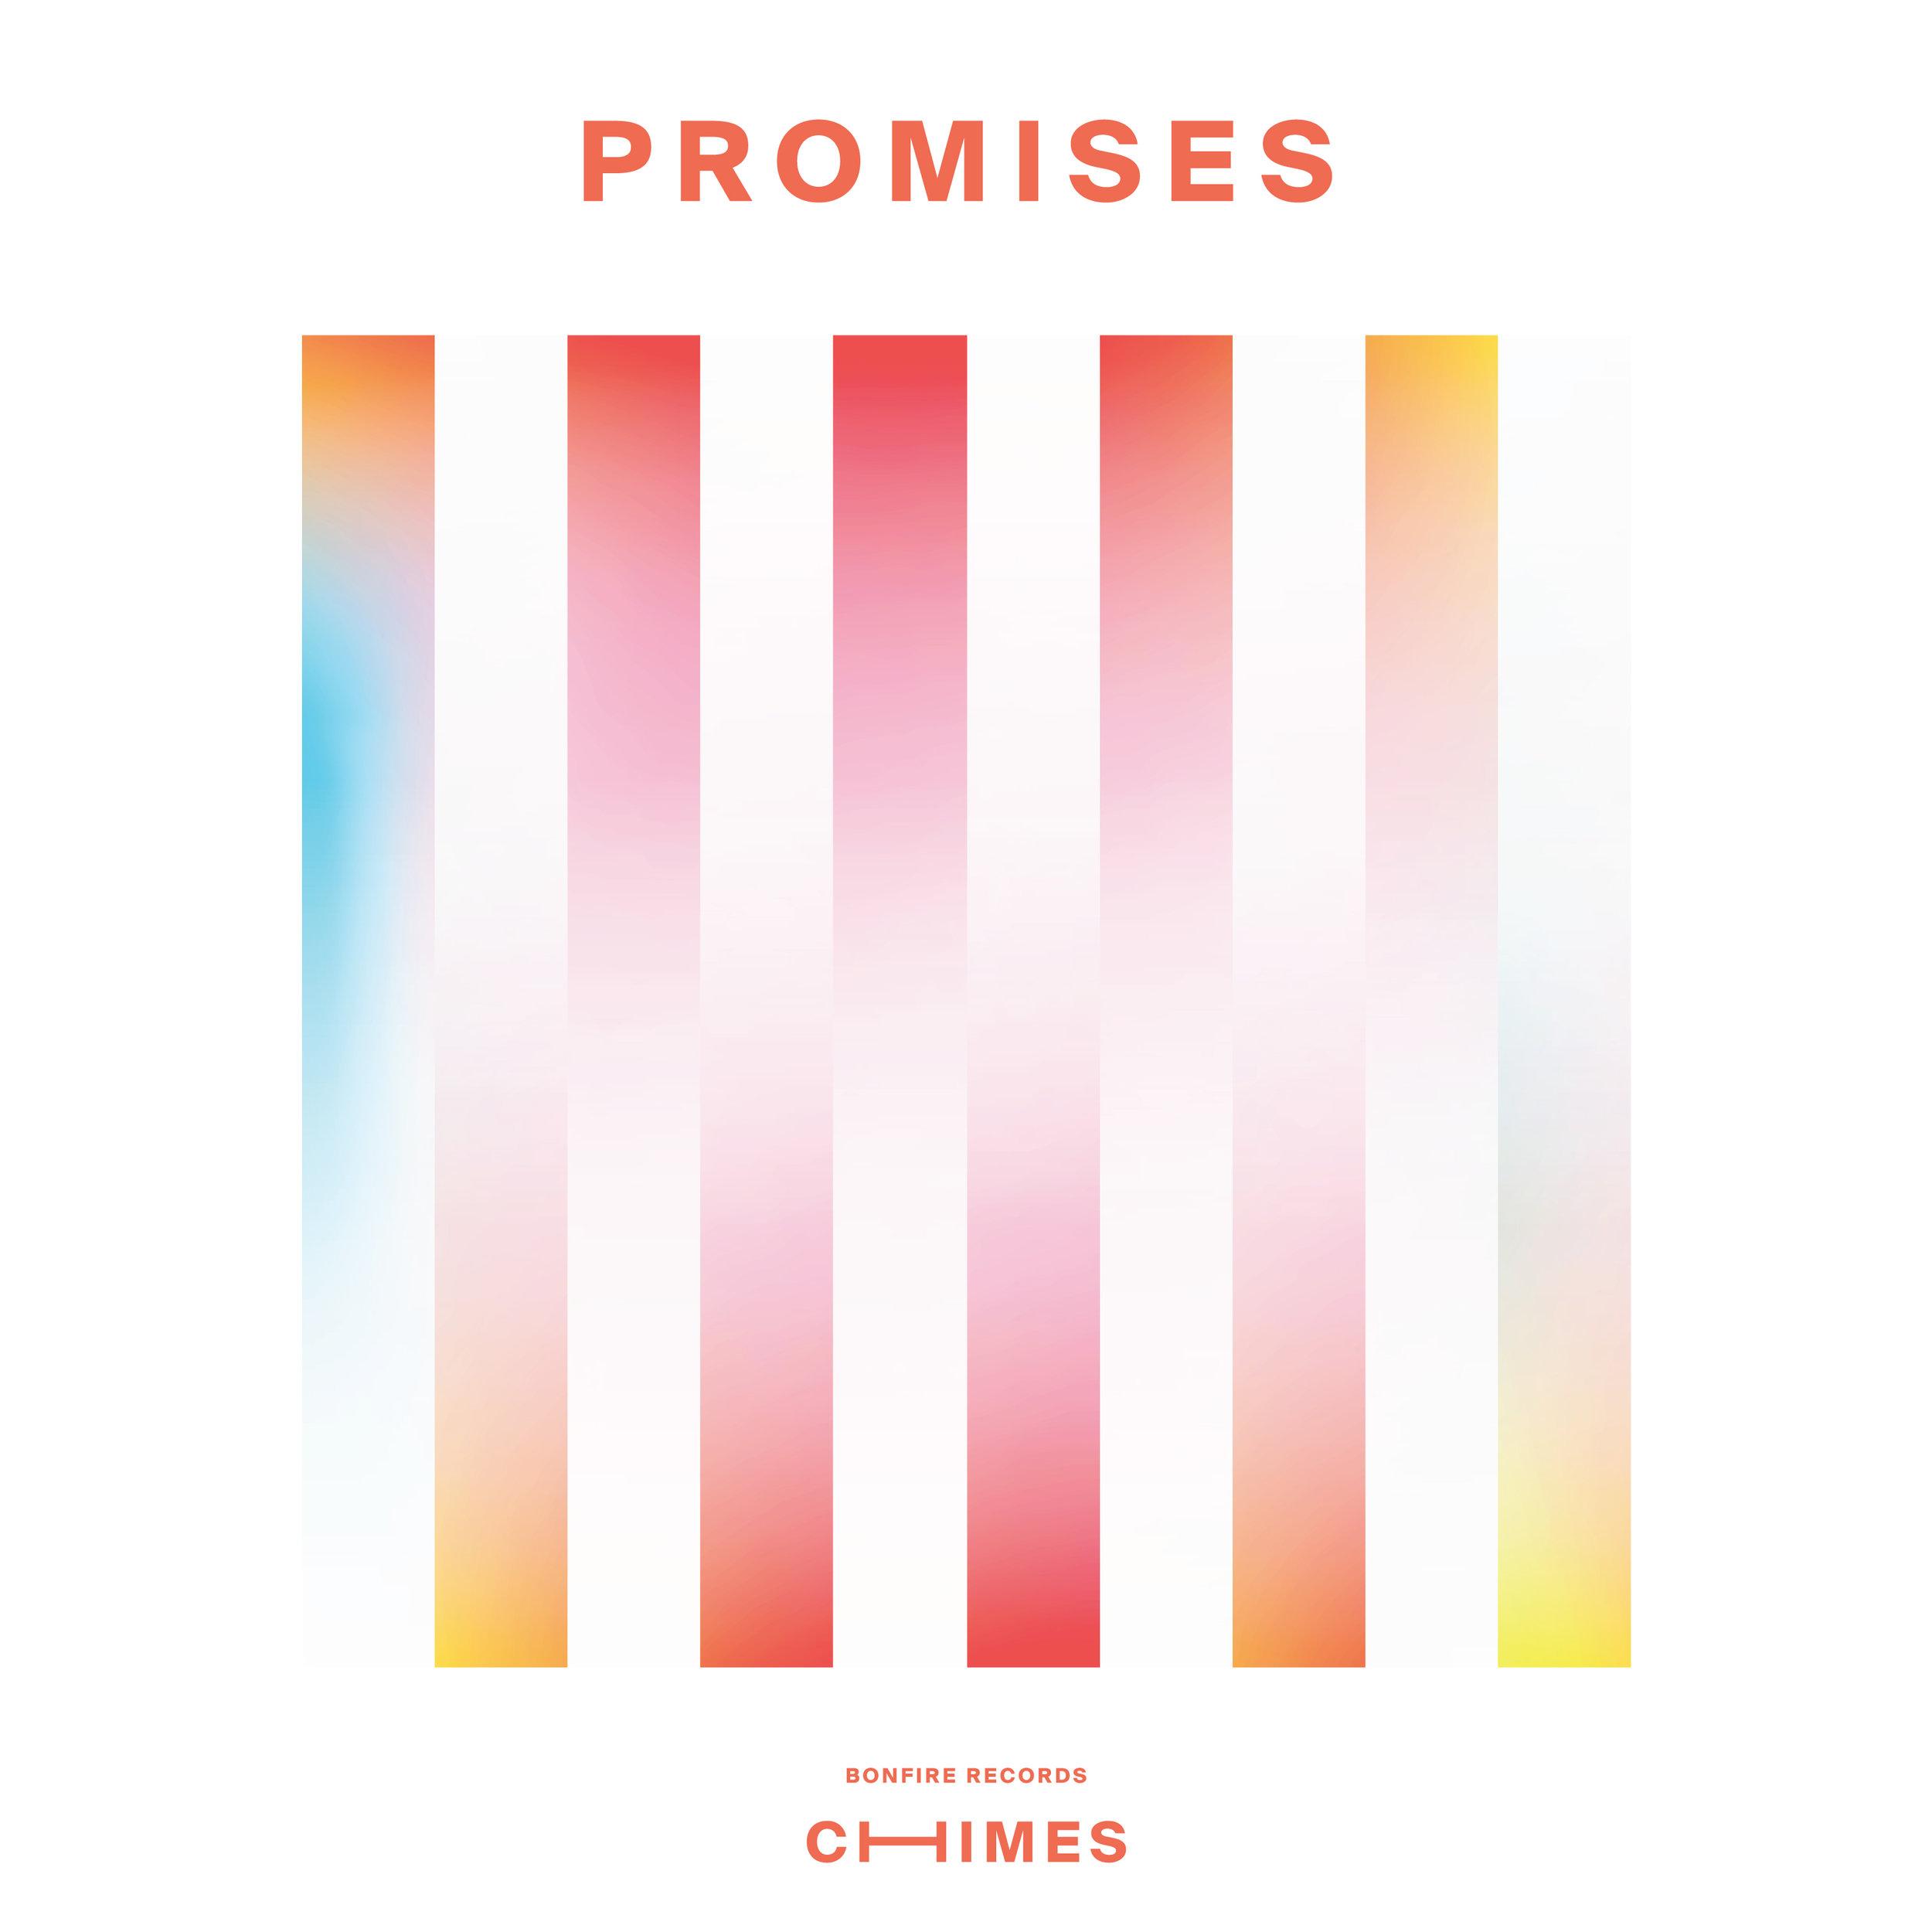 CHIMES_Promises.jpg